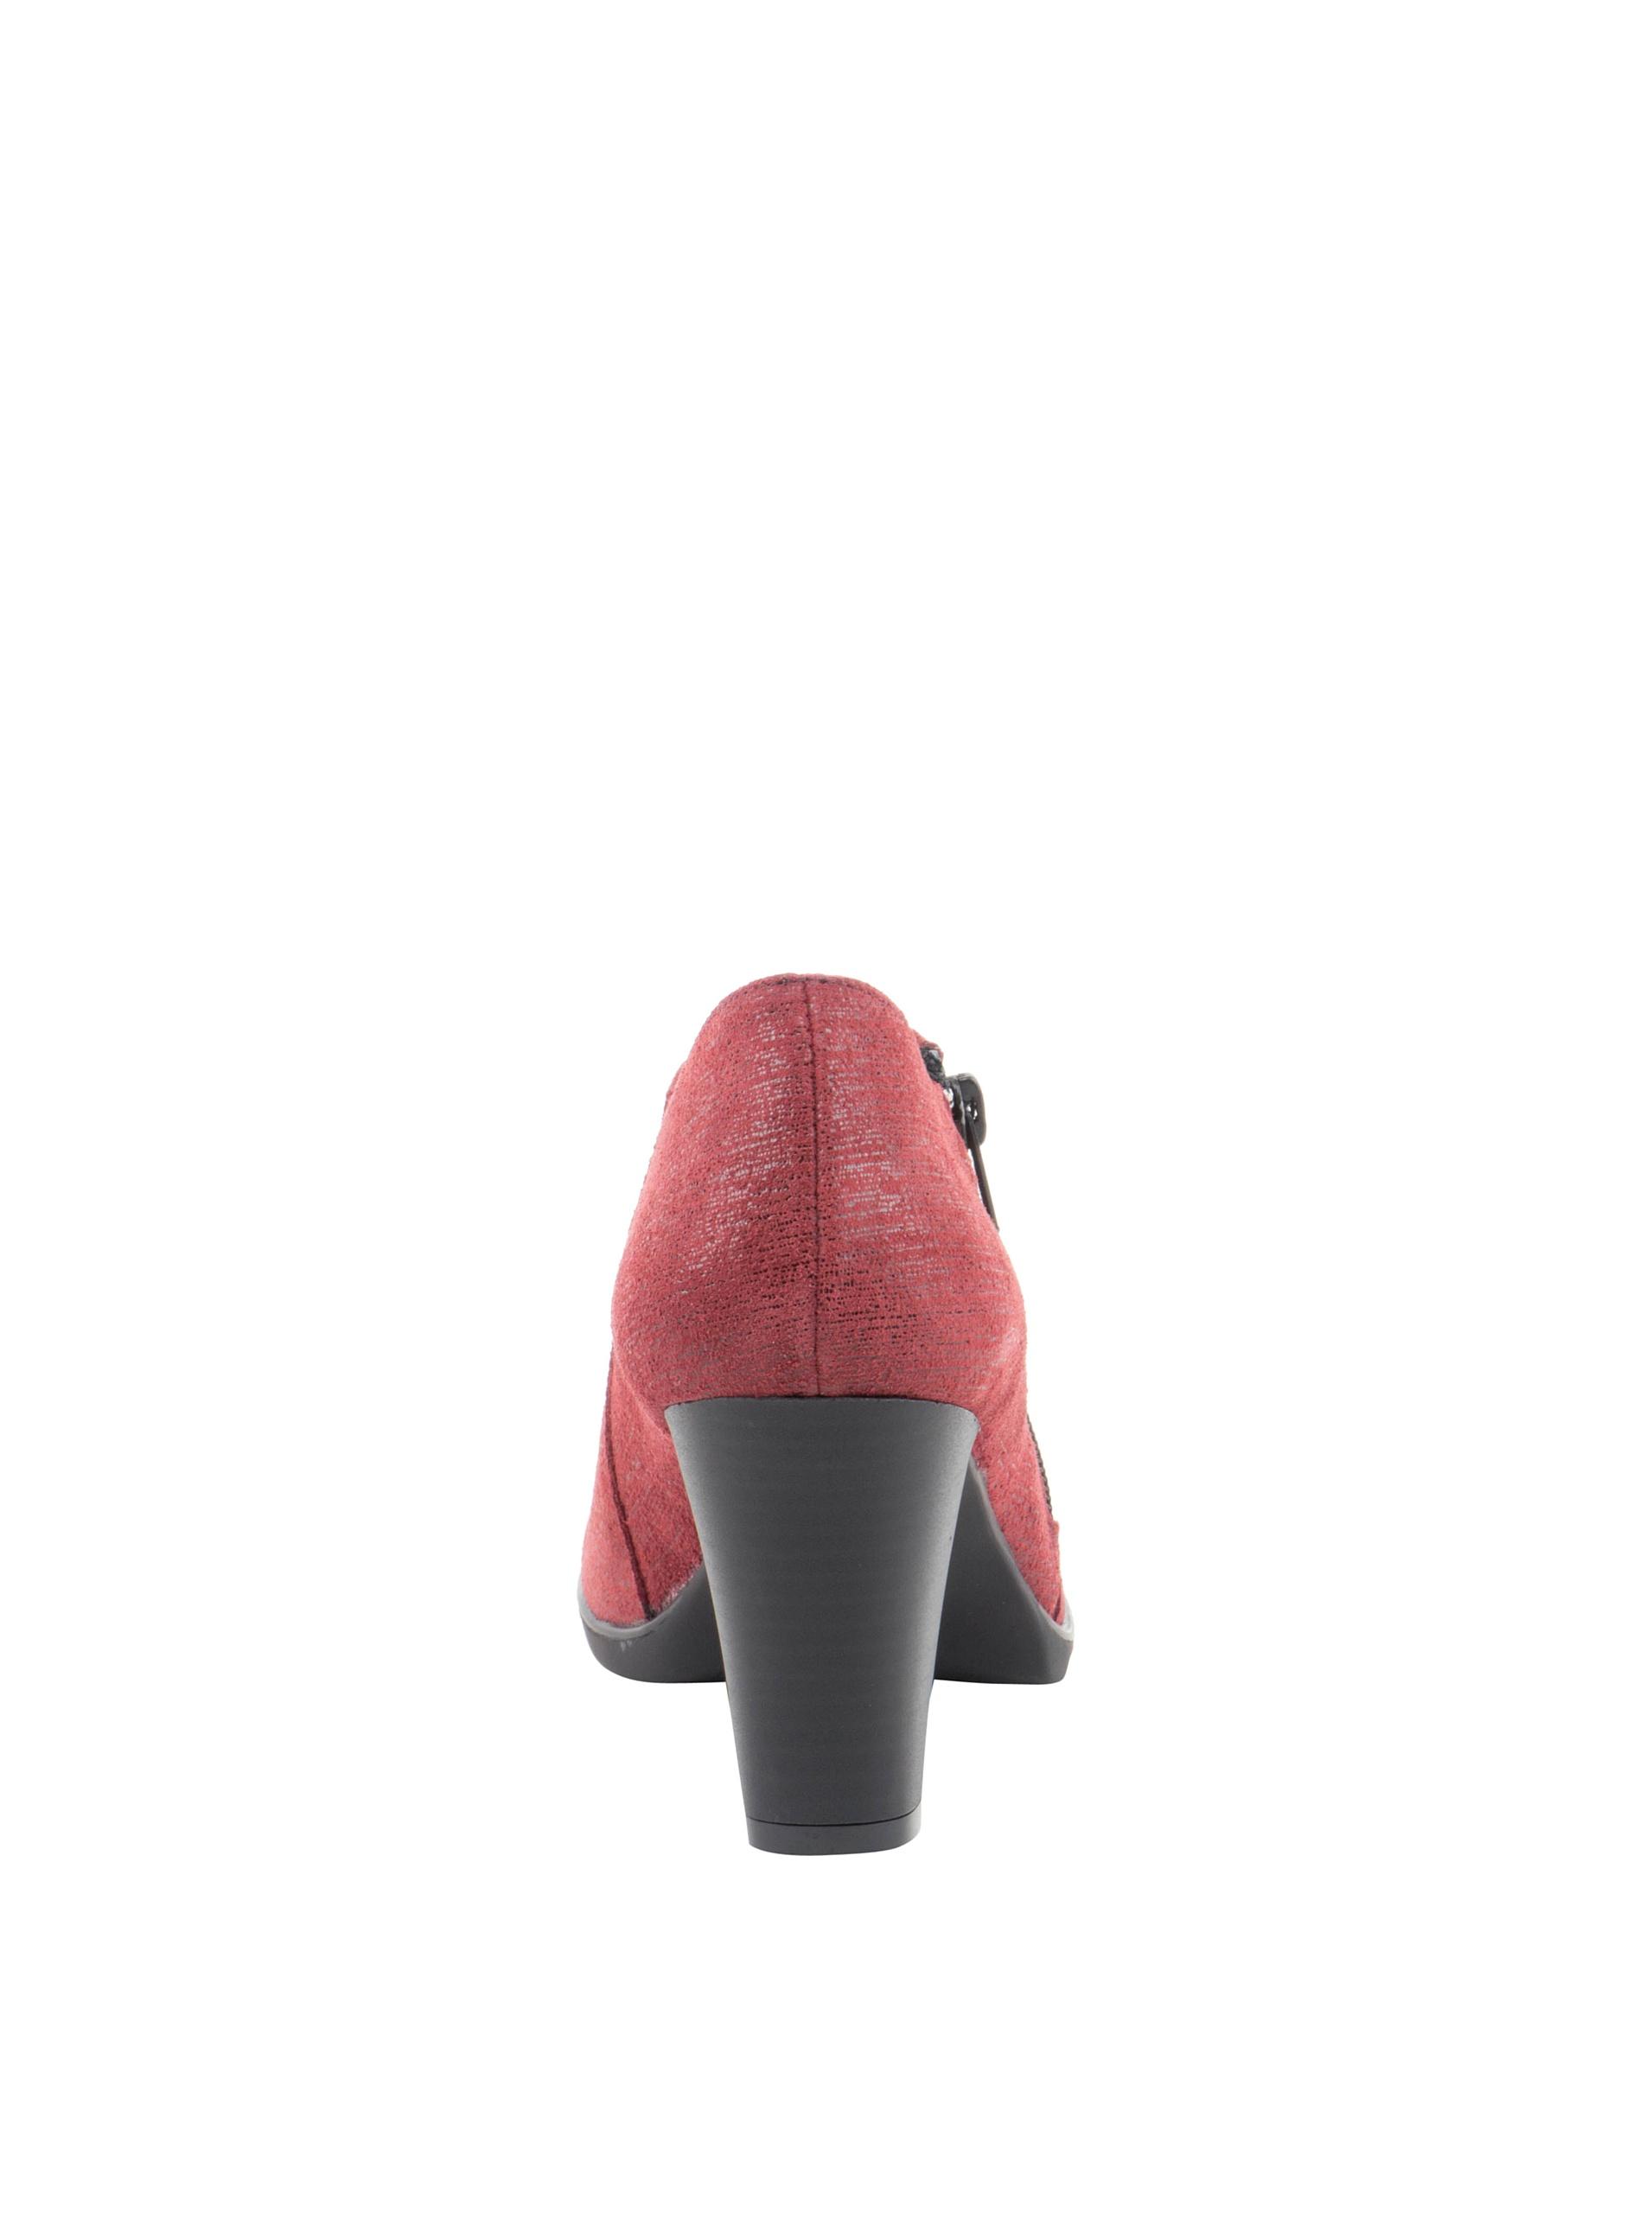 Essie Gel Couture Laca de Uñas, Tono: 290 Sit Me in the Front Row